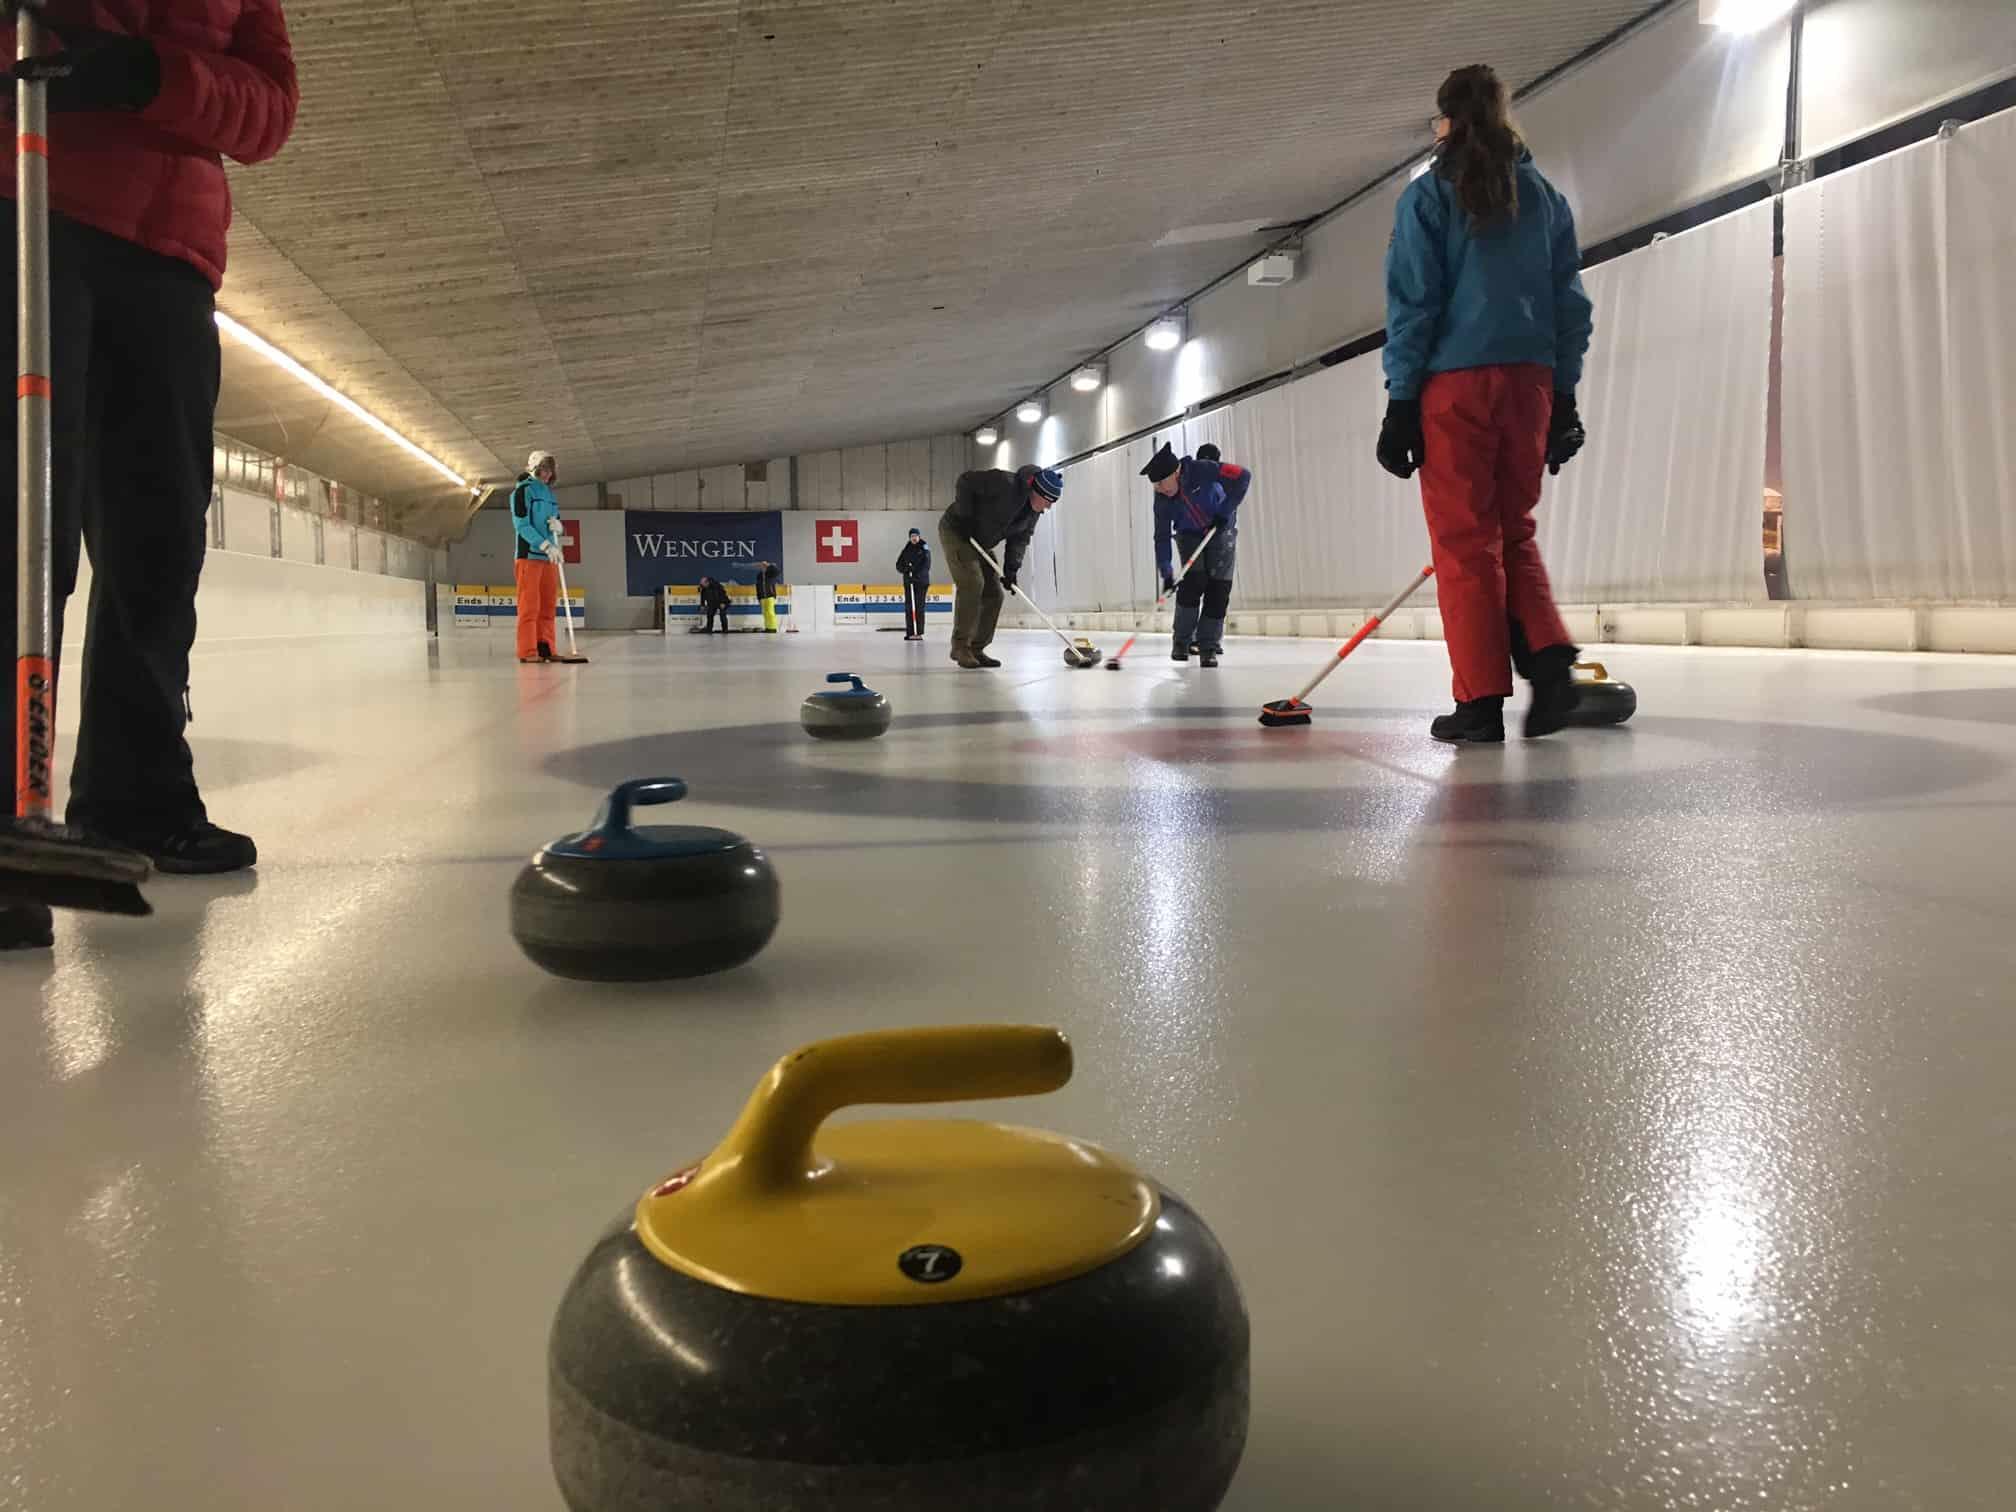 Come curling in Wengen